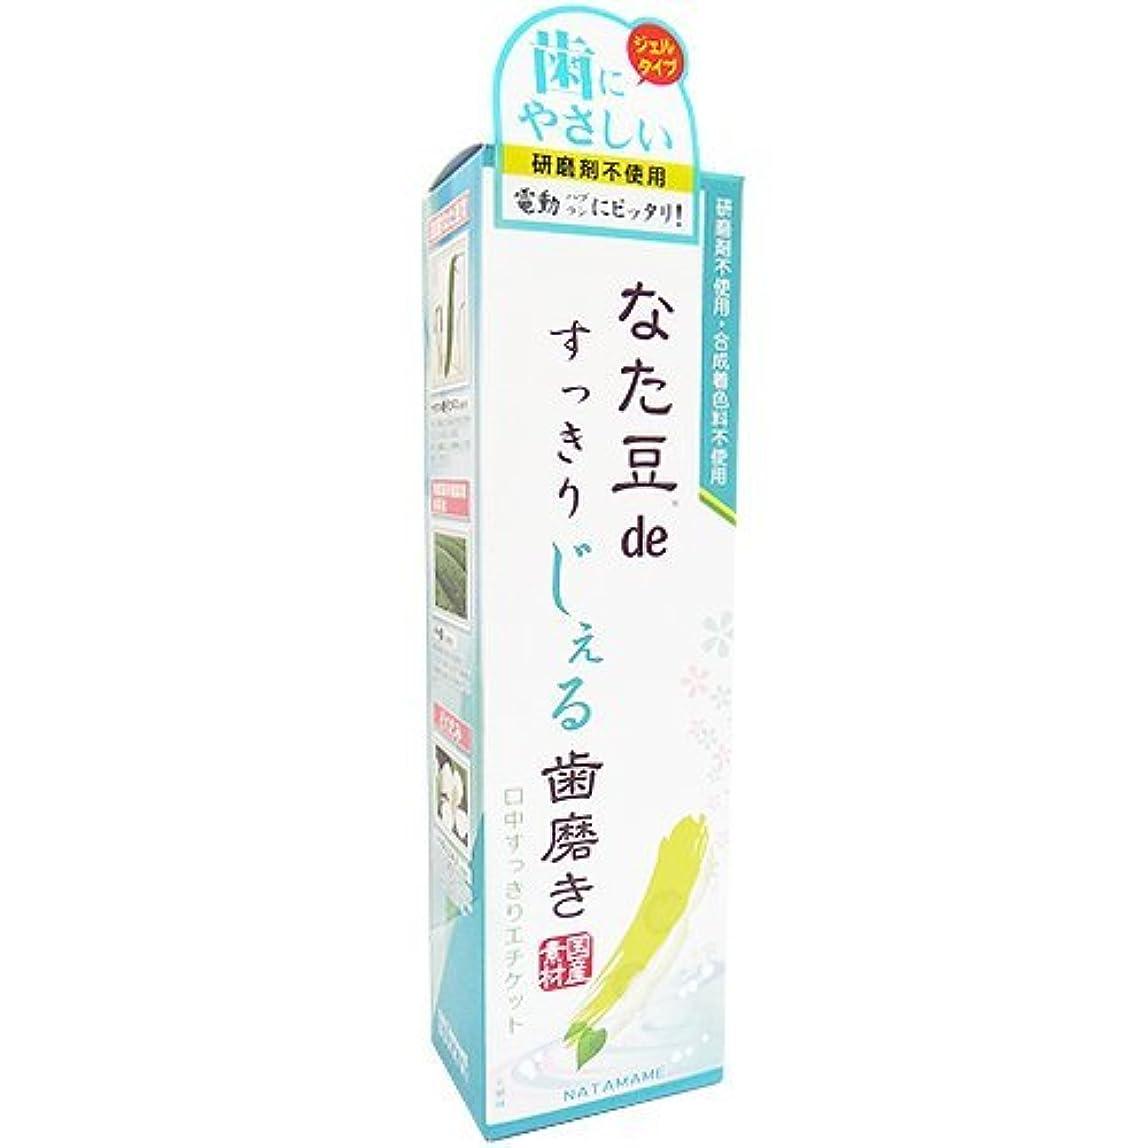 生命体マトン消すなた豆(矯味)deすっきりじぇる歯磨き × 12個セット